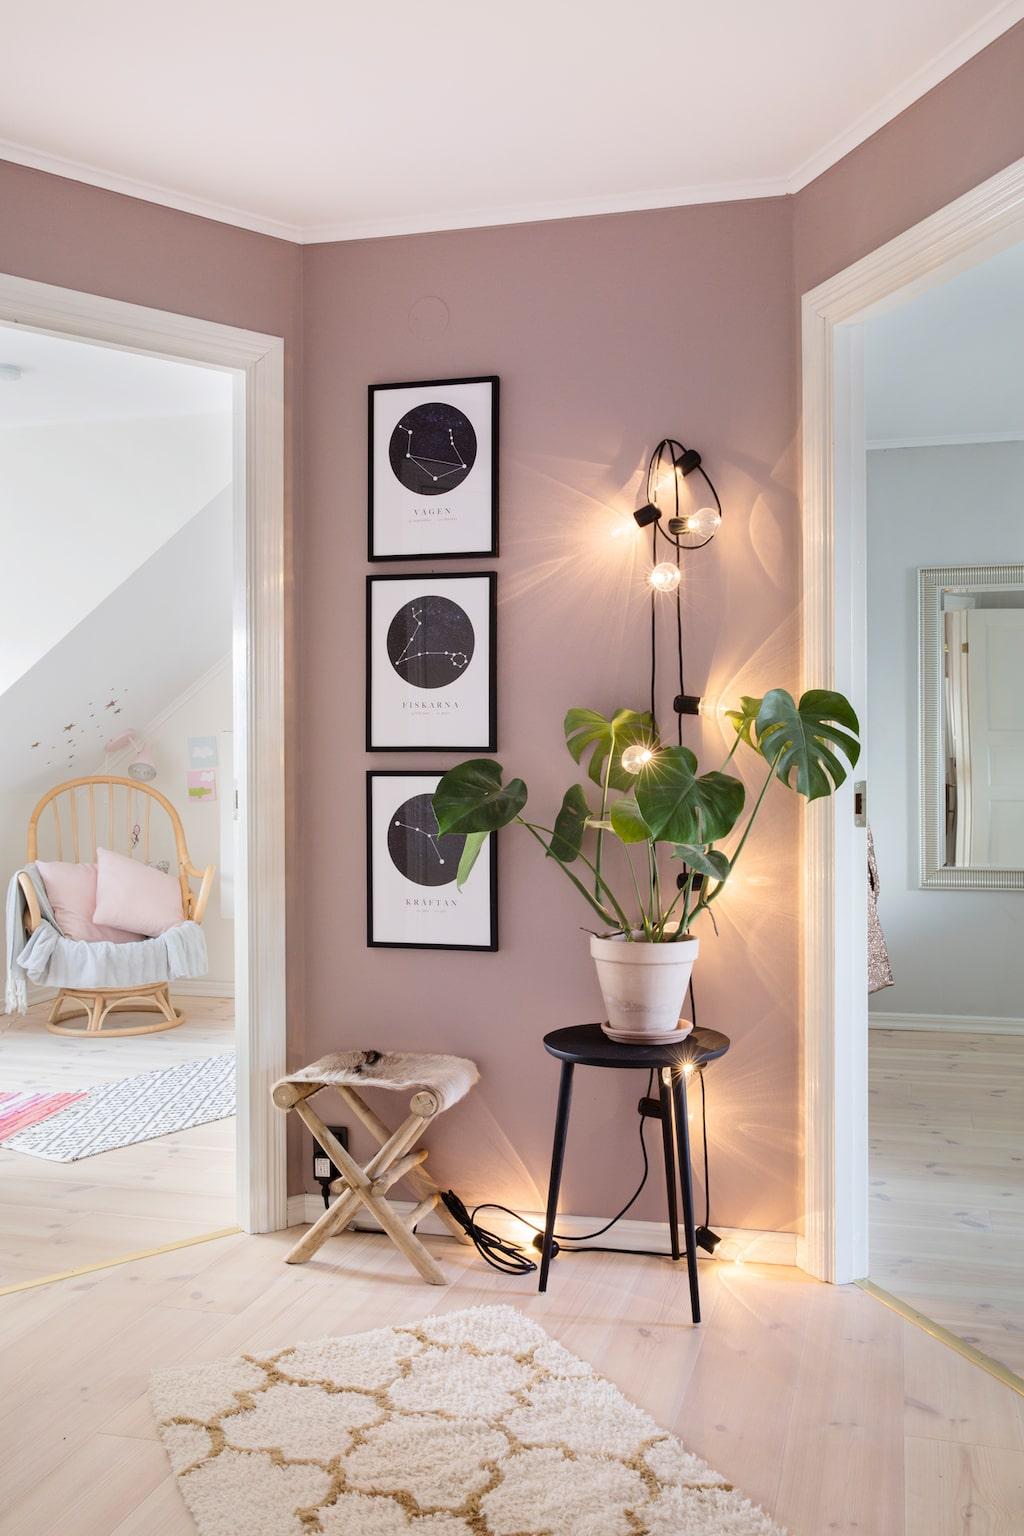 Efter fyra ommålningar blev Lindie nöjd. Då hade övre hallen fått den helmatta kulören 'Dusty Pink' från Lady.